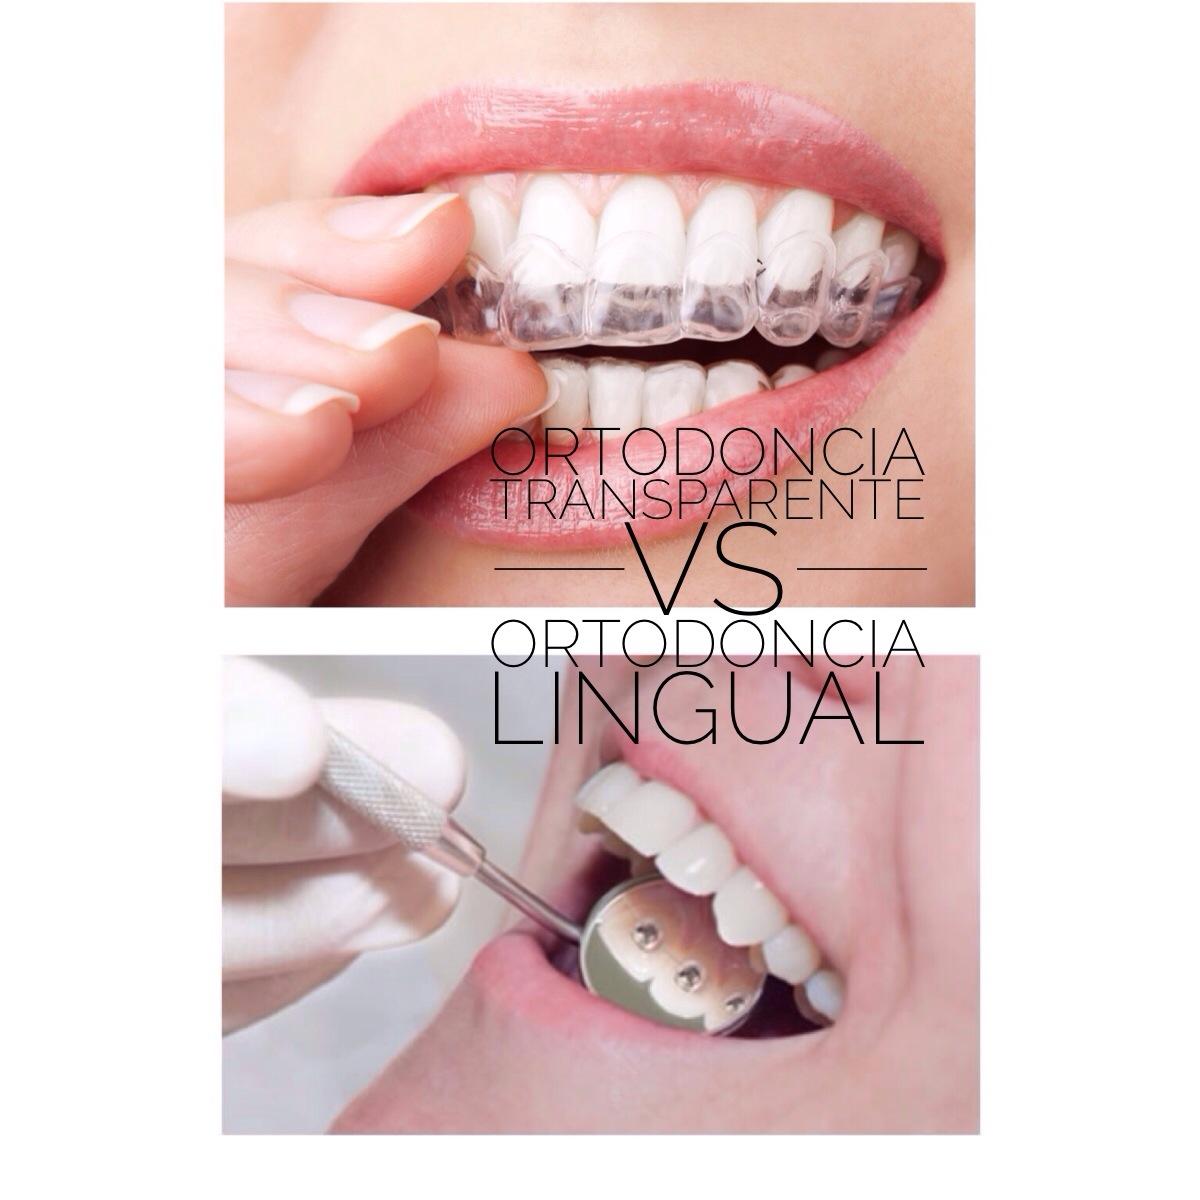 ¿Qué es mejor para mi, la ortodoncia invisible (Invisalign) o la ortodoncia lingual?